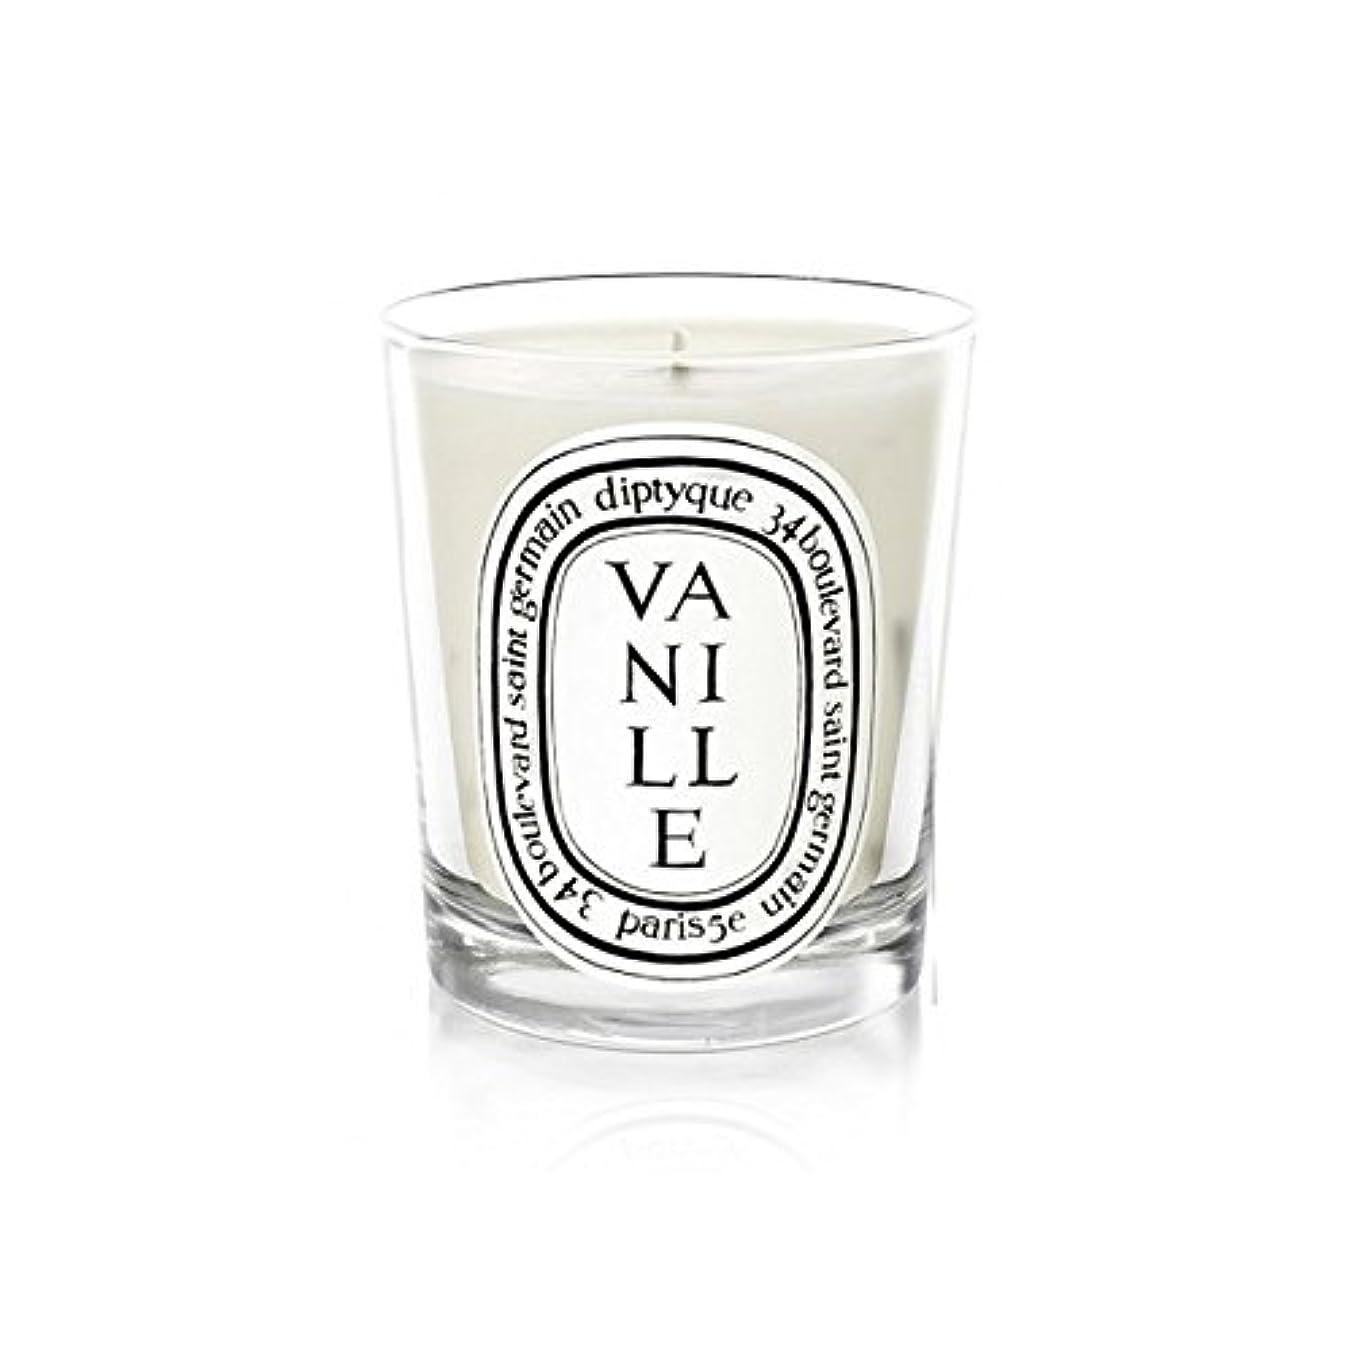 サイト宝通行料金Diptyque Vanille Mini Candle 70g (Pack of 2) - Diptyqueのヴァニラミニキャンドル70グラム (x2) [並行輸入品]